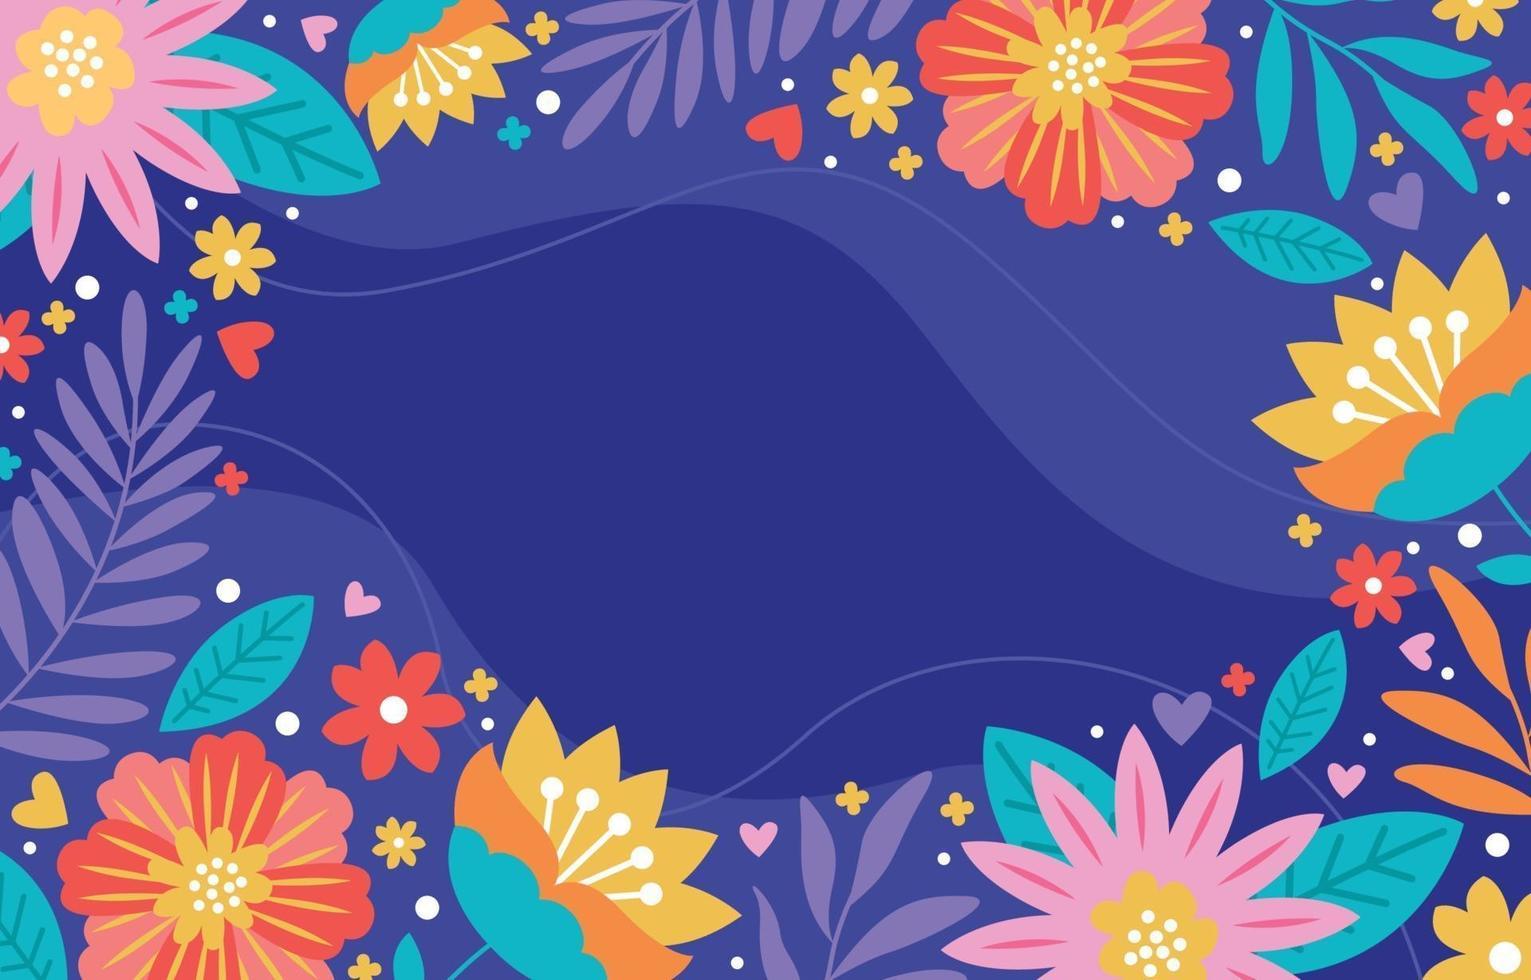 sfondo colorato fiore e fogliame vettore